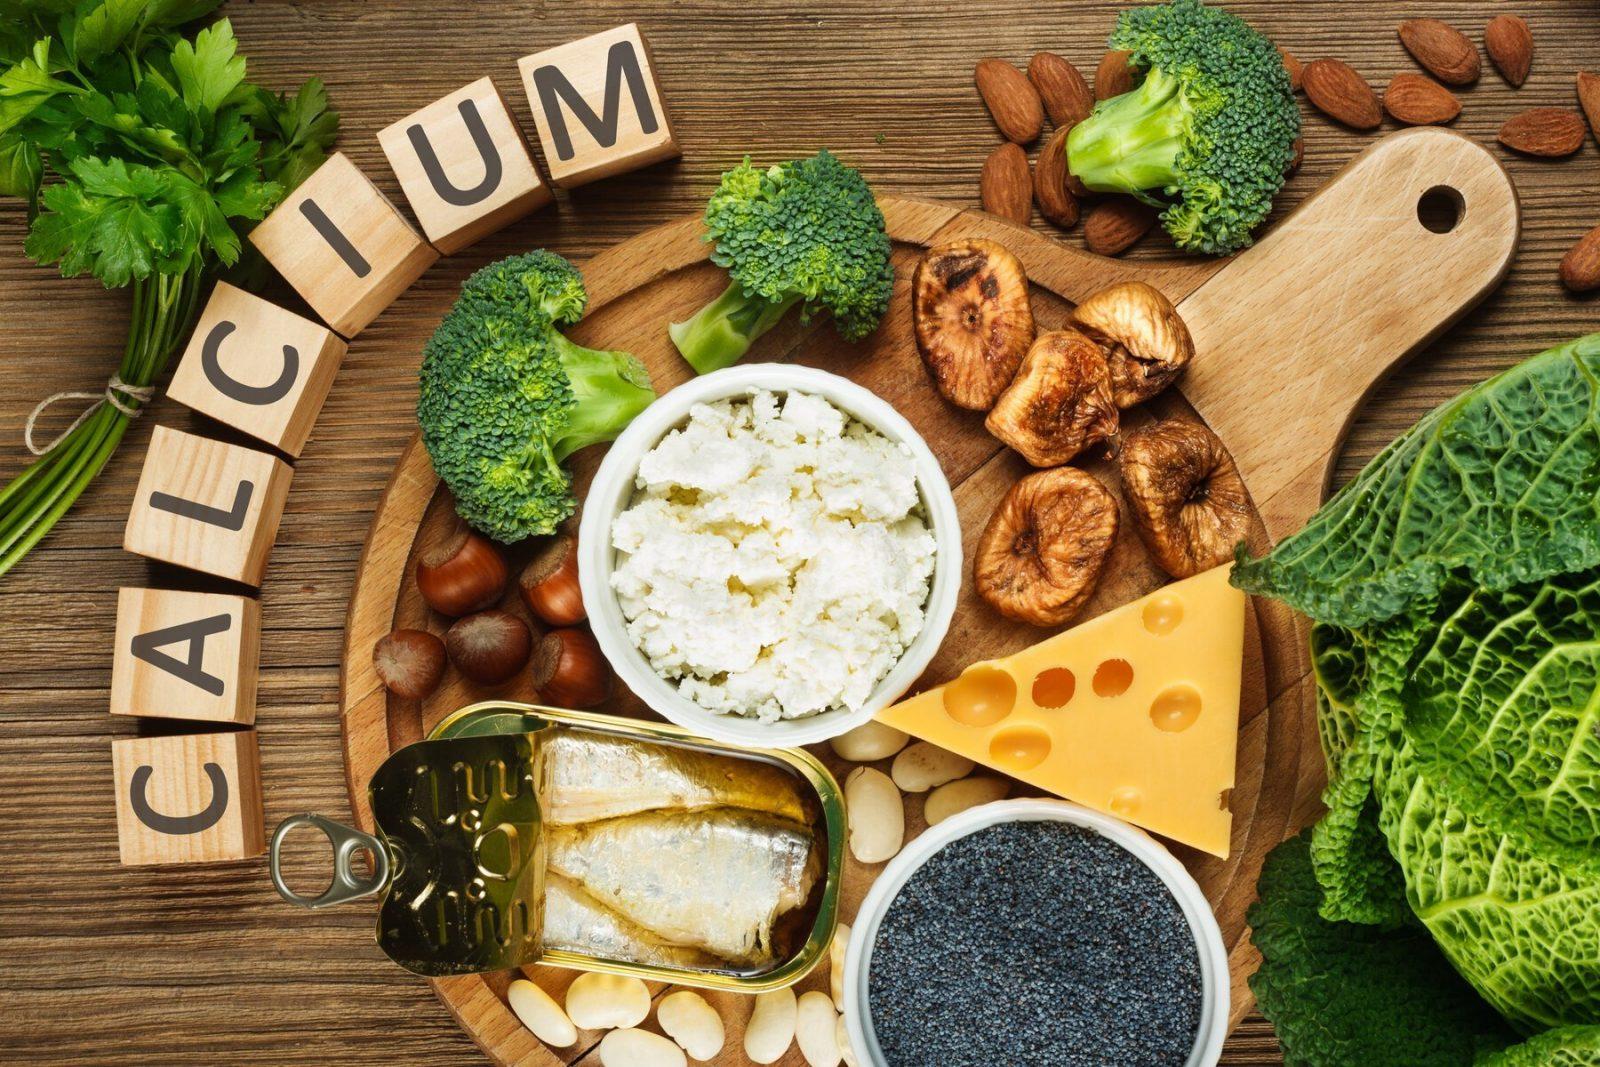 Ăn thực phẩm gì có tác dụng vượng phu? - loai thuc pham nao co the tang cuong duyen khac gioi